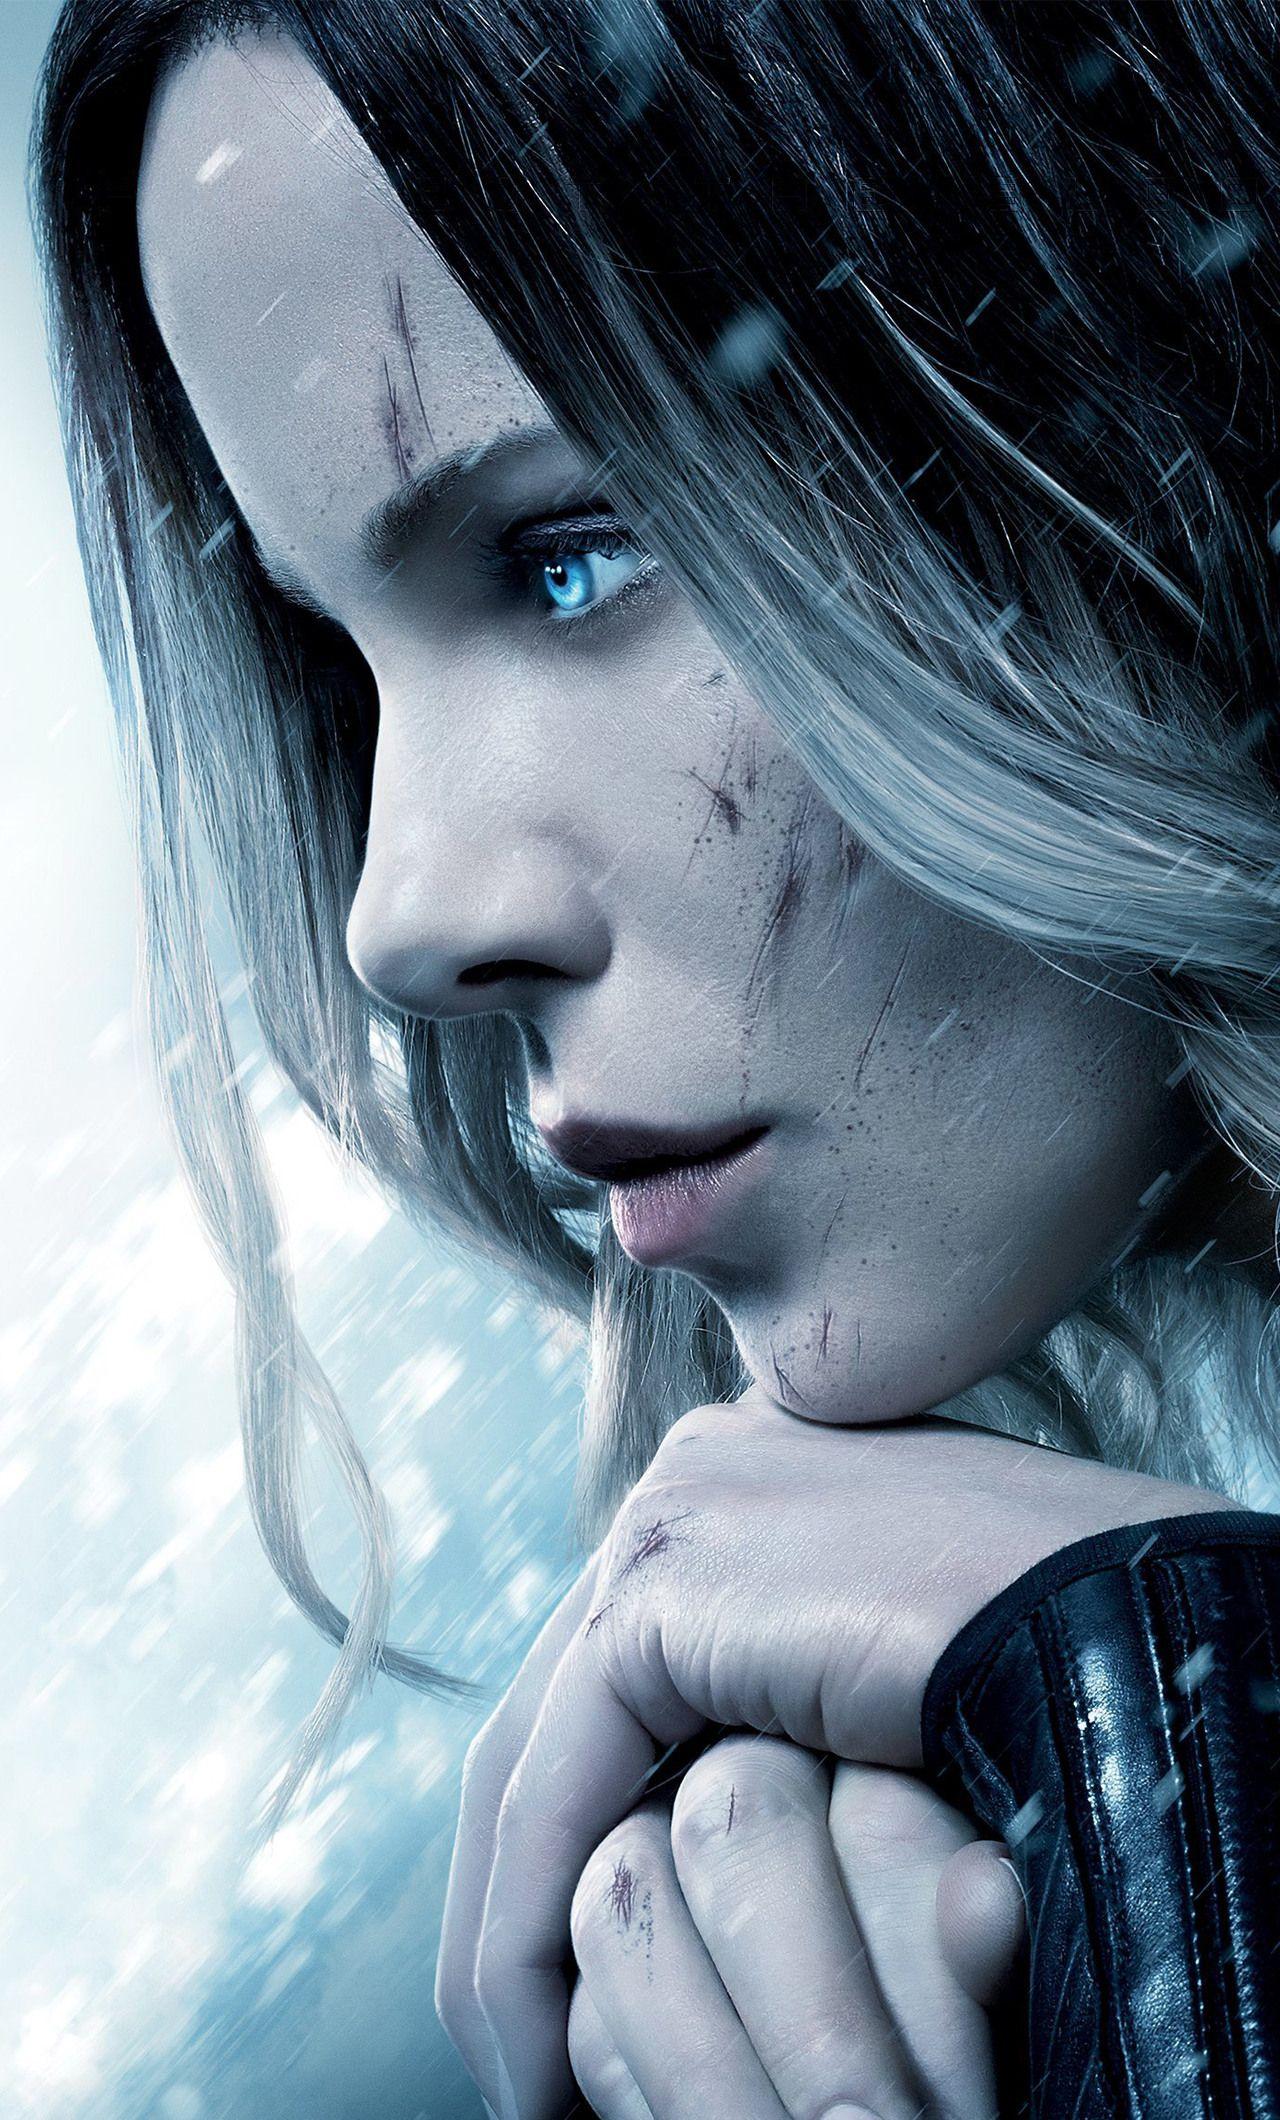 Pin On Actress Kate Beckinsale